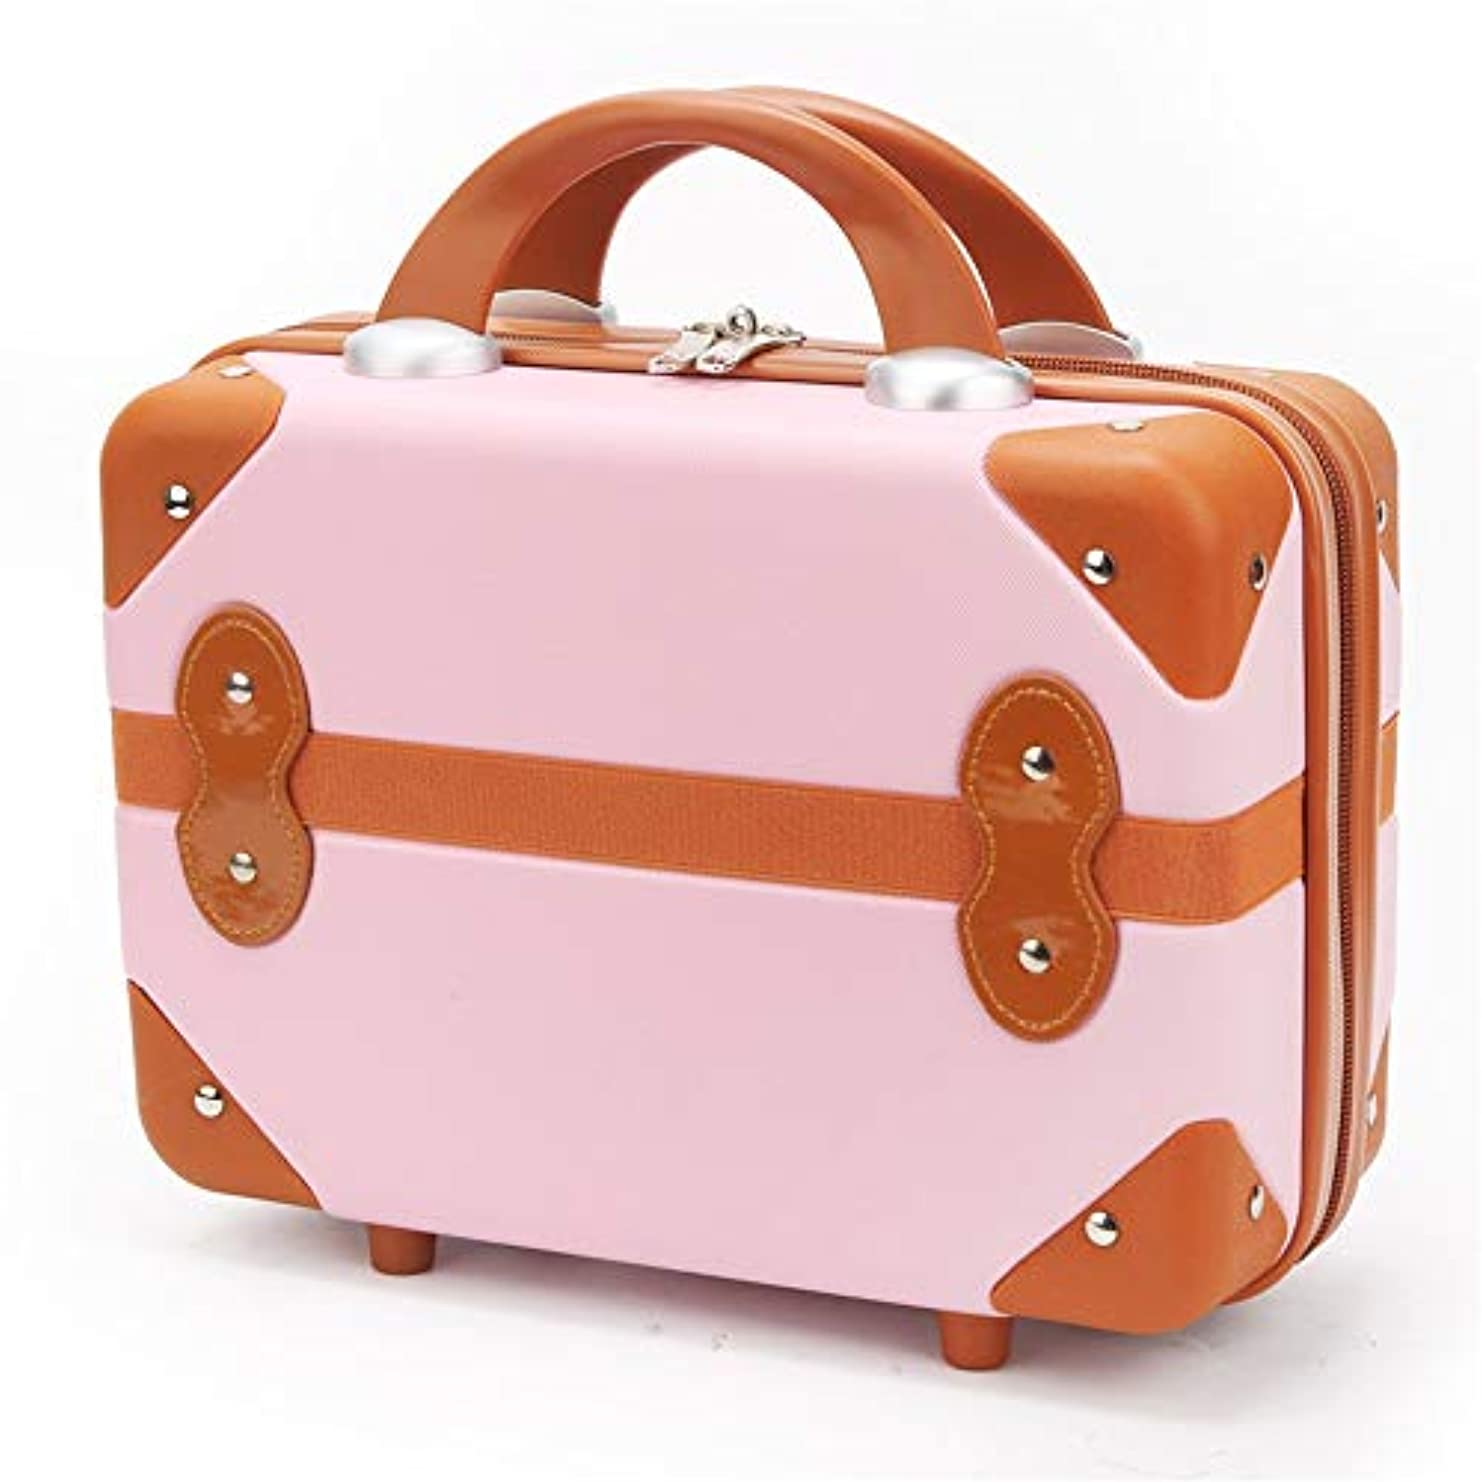 置き場未払い制限化粧オーガナイザーバッグ 14インチのメイクアップトラベルバッグPUレター防水化粧ケースのティーン女の子の女性アーティスト 化粧品ケース